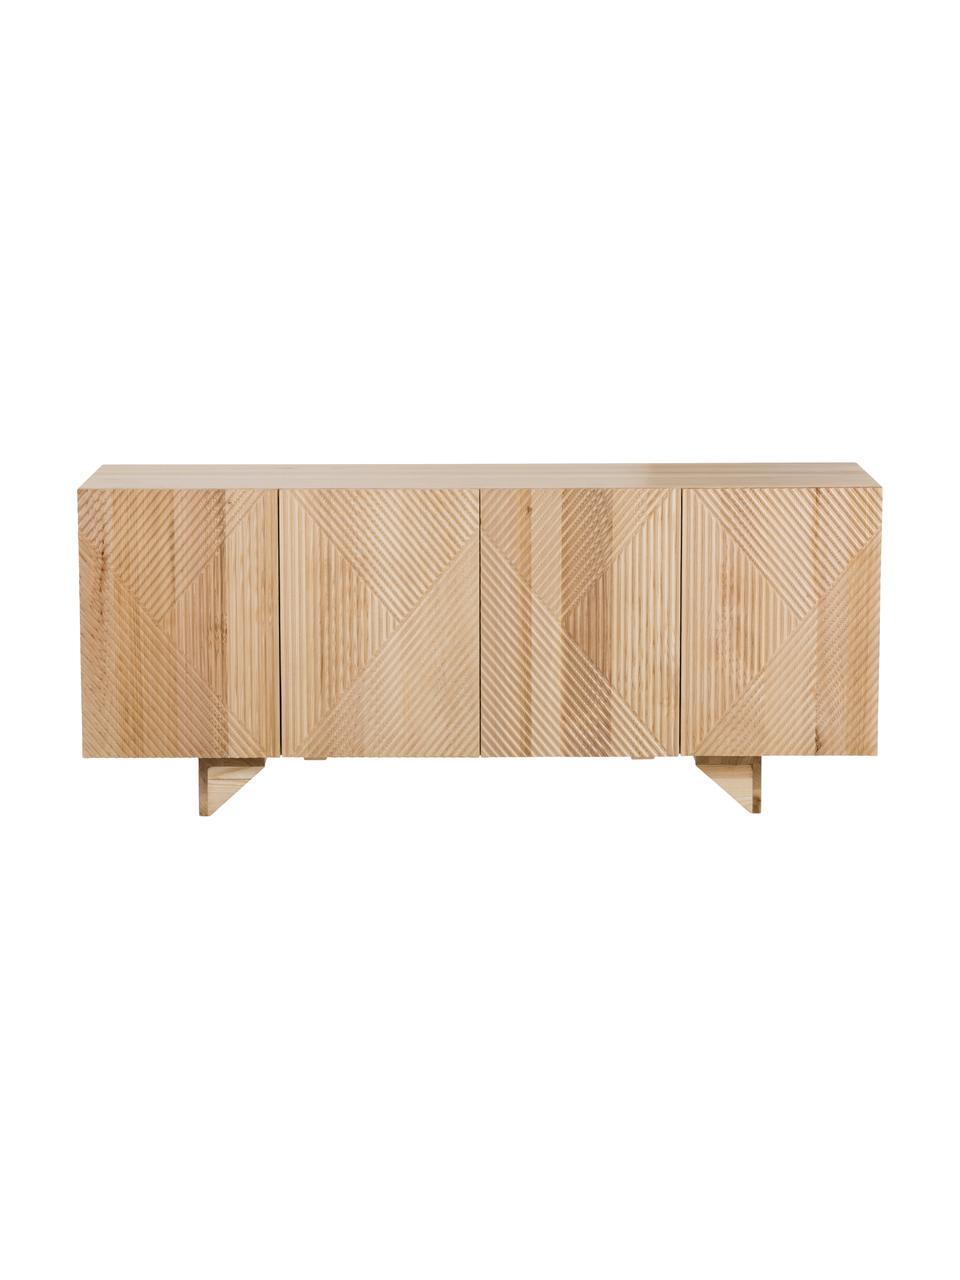 Komoda z litego drewna jesionowego Louis, Drewno jesionowe, S 177 x W 75 cm